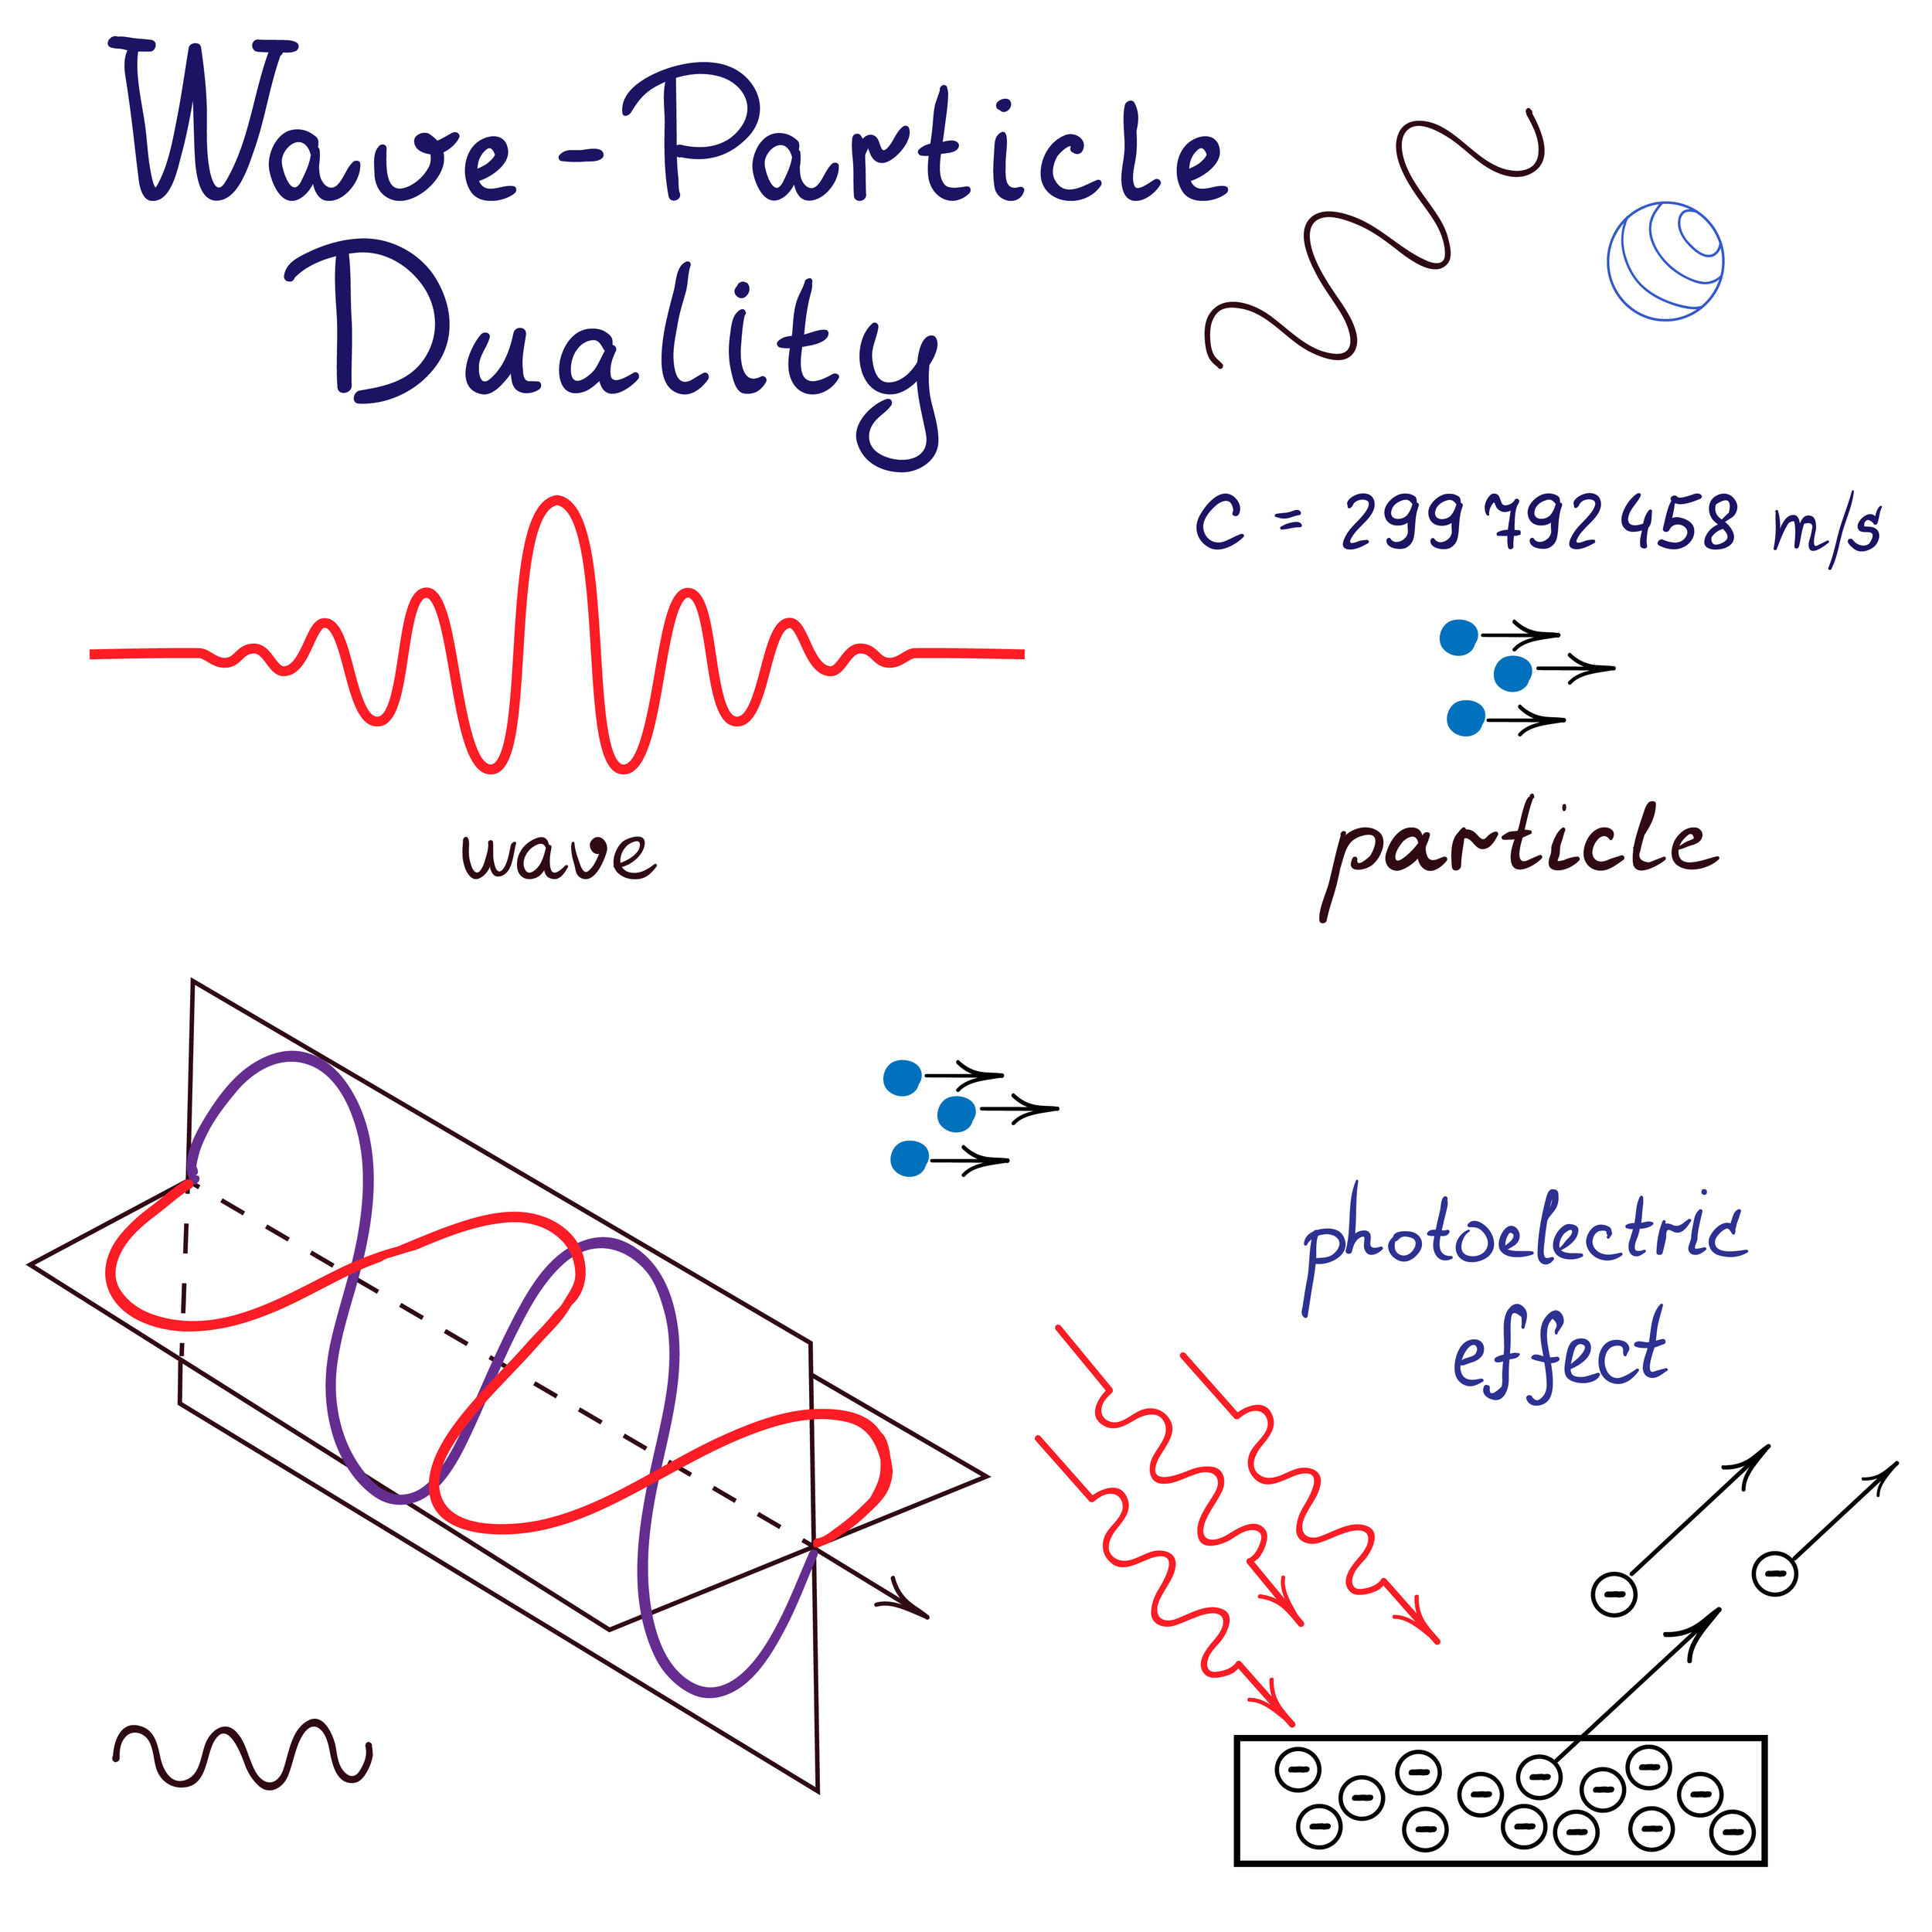 waveparticleduality.jpg